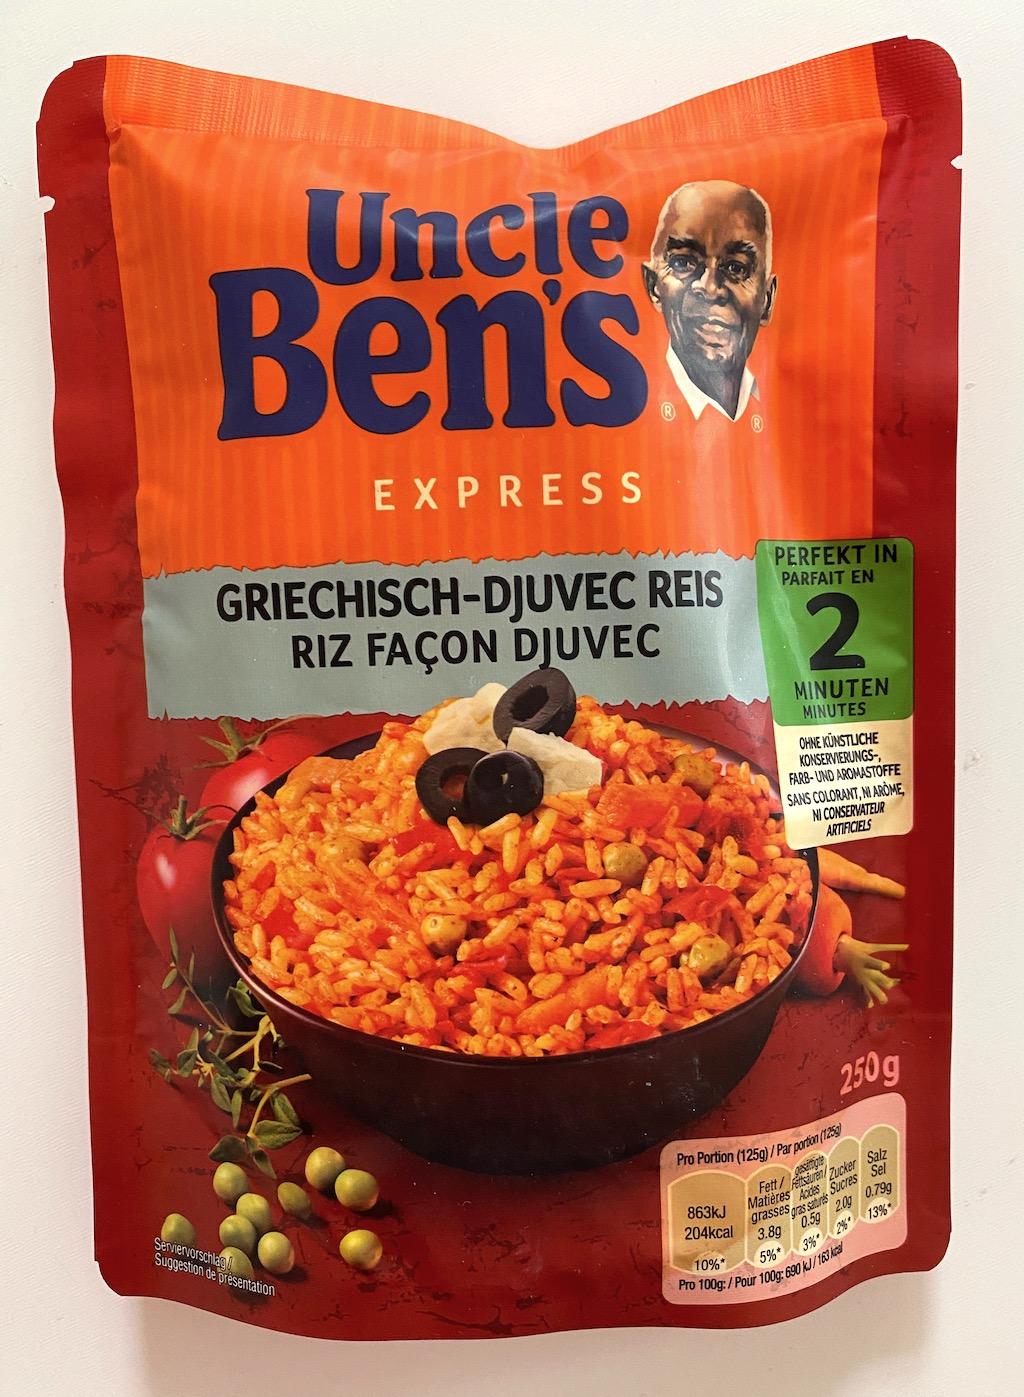 Mars Uncle Ben's Express Griechisch-Djuvec Reis